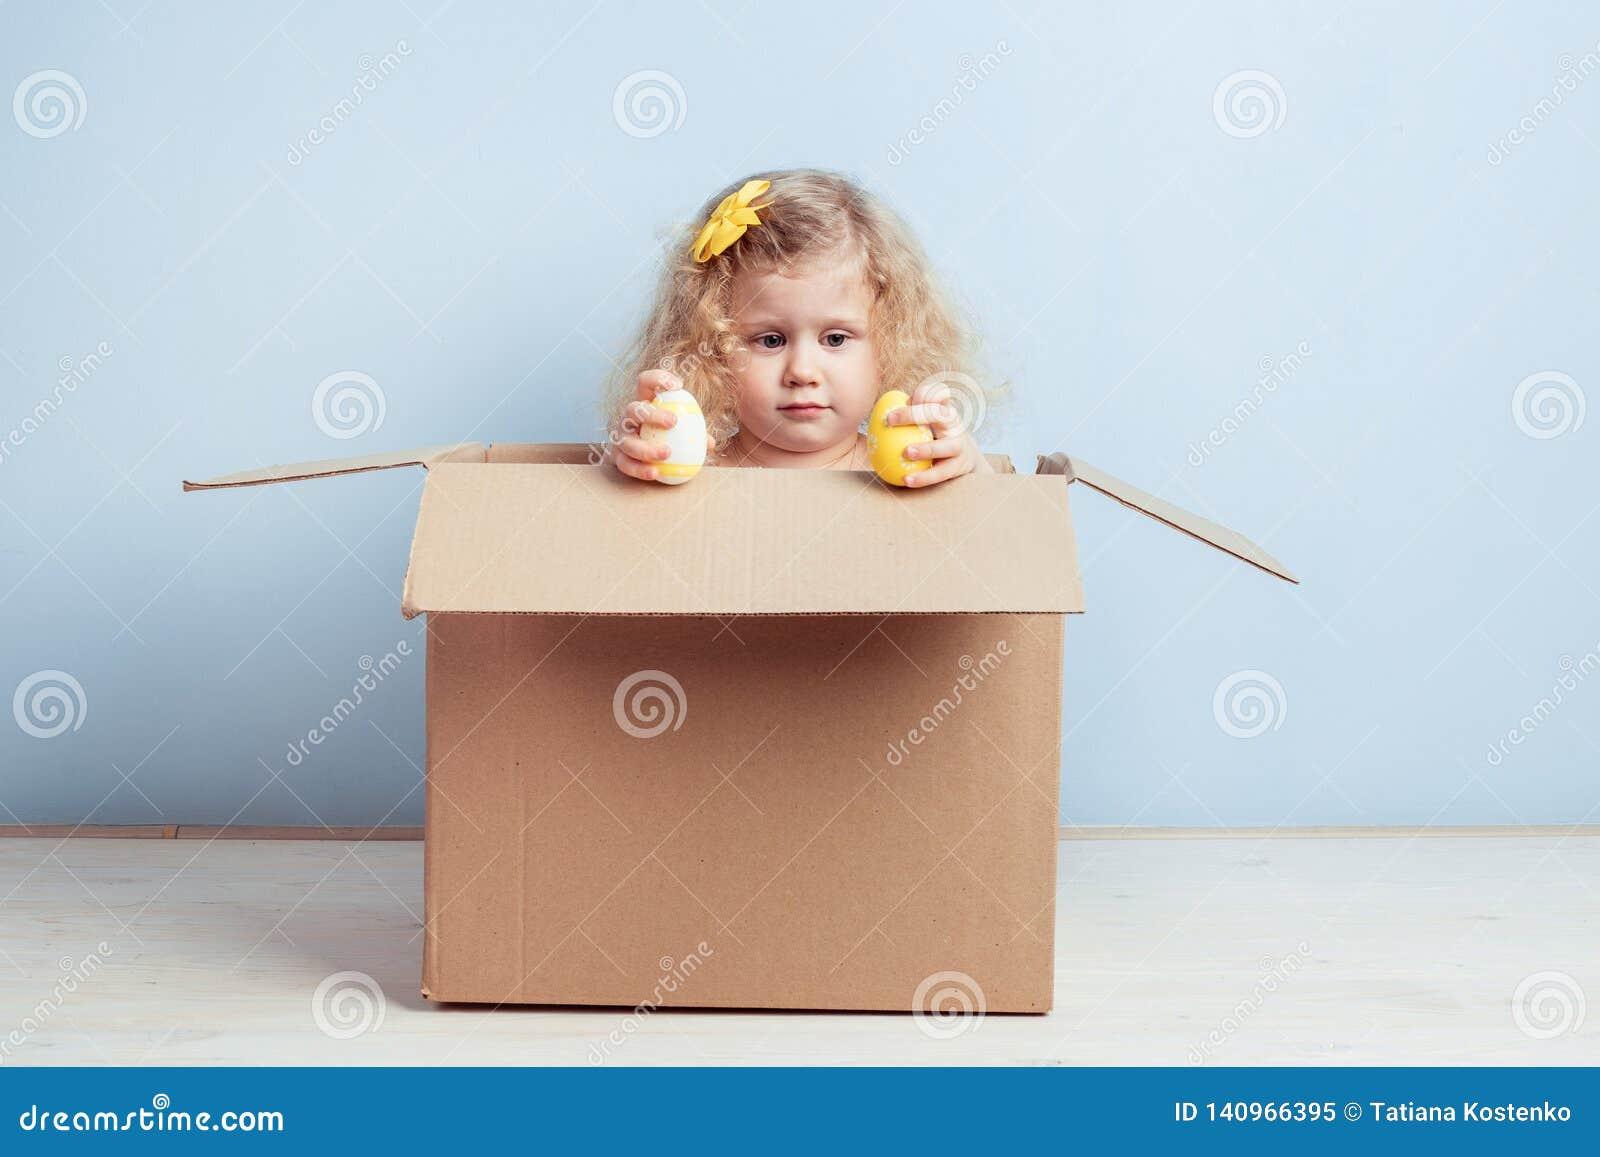 La niña bonita con la flor amarilla en su pelo y teñió los huevos en sus manos se sienta en la caja de cartón en el fondo